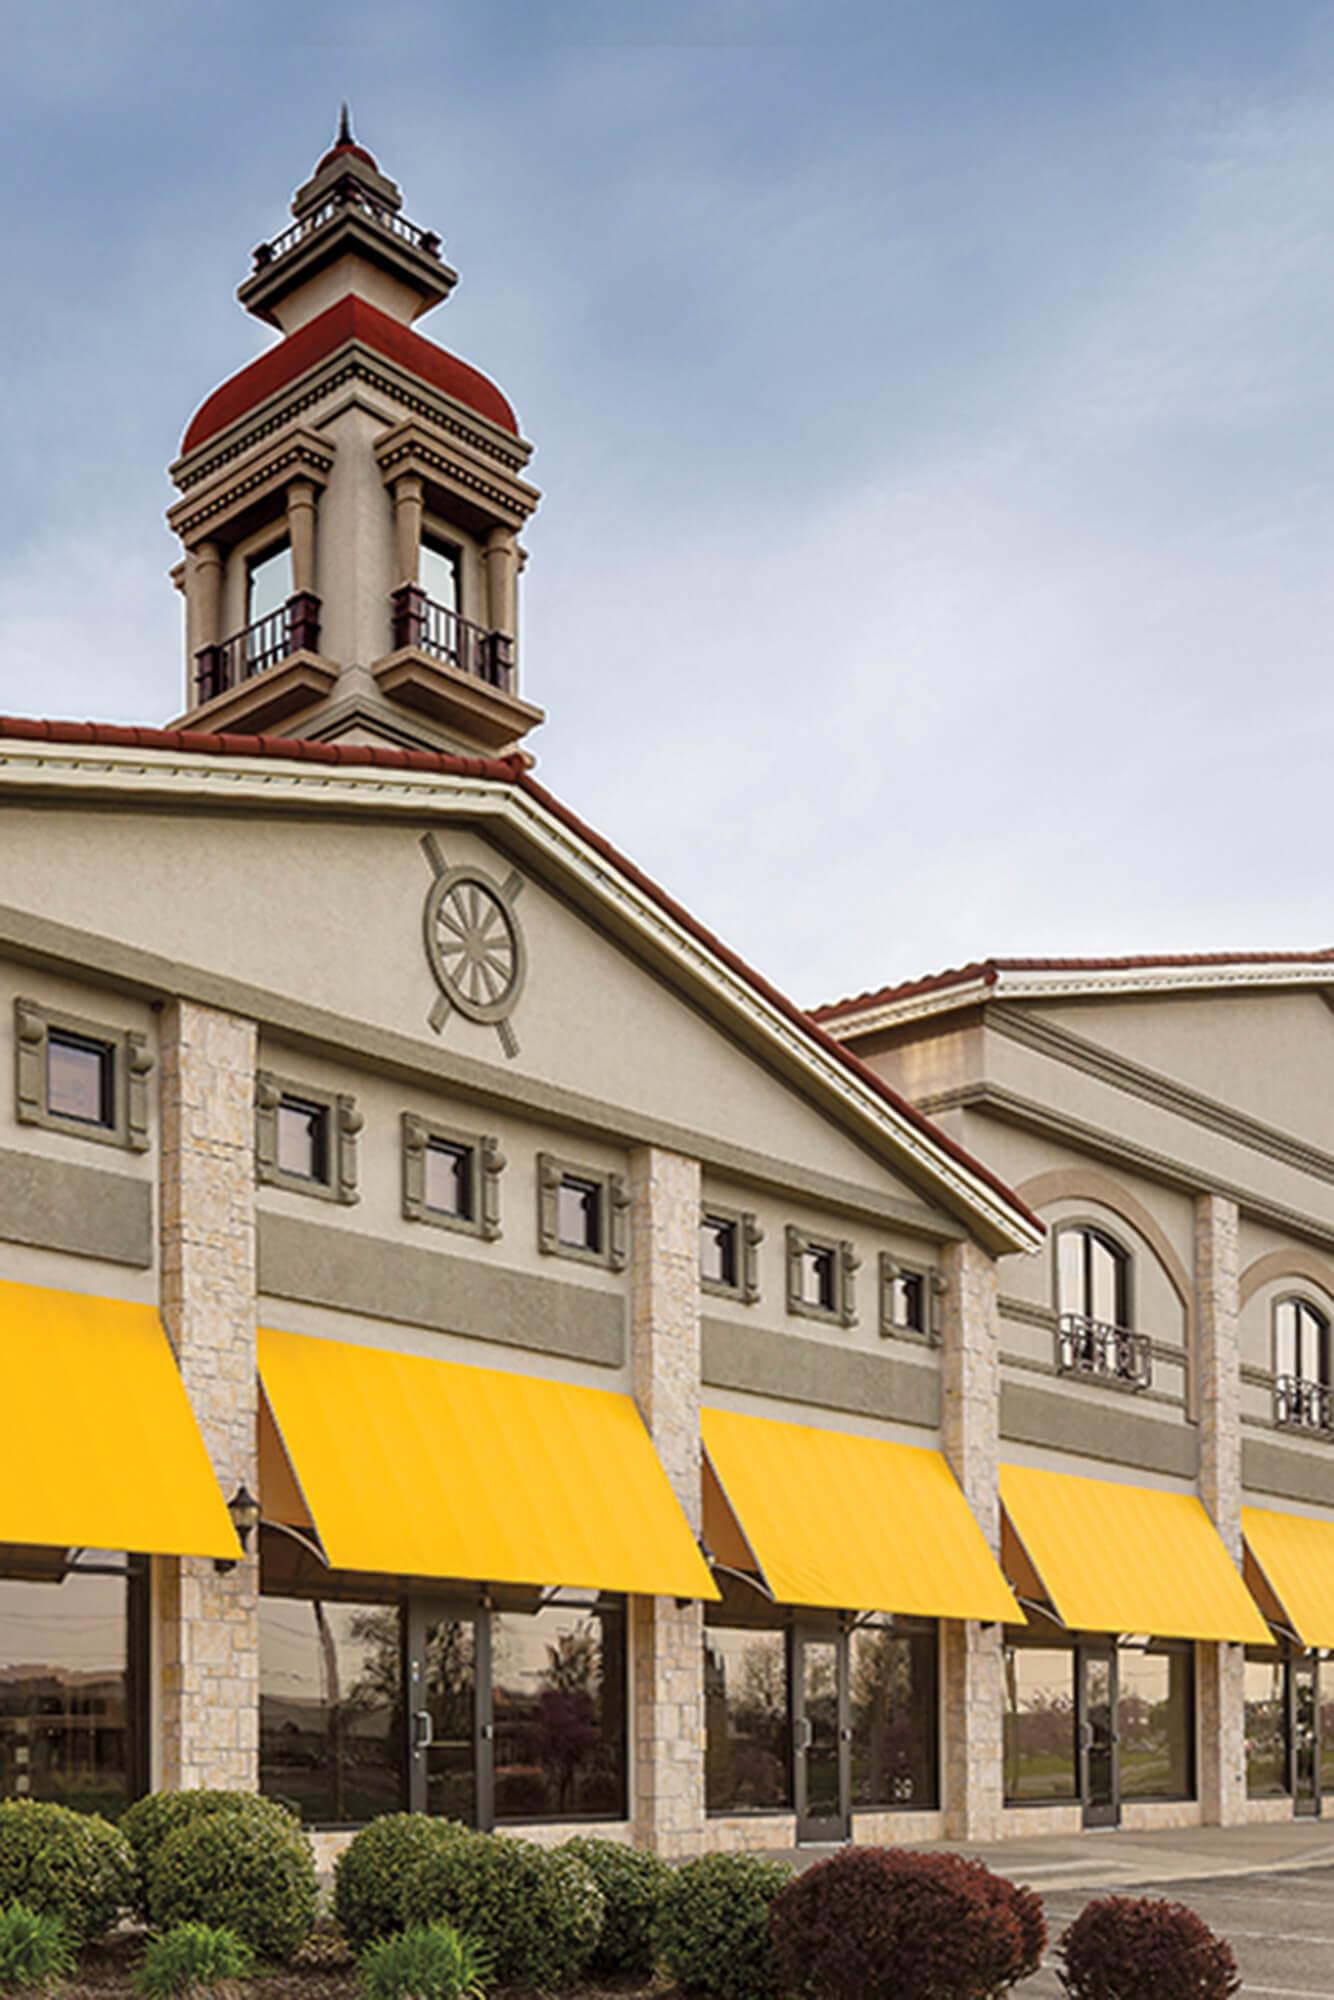 由黄色 Sunbrella Clarity 织物制成的固定过支架的遮阳蓬是购物中心的显著标志